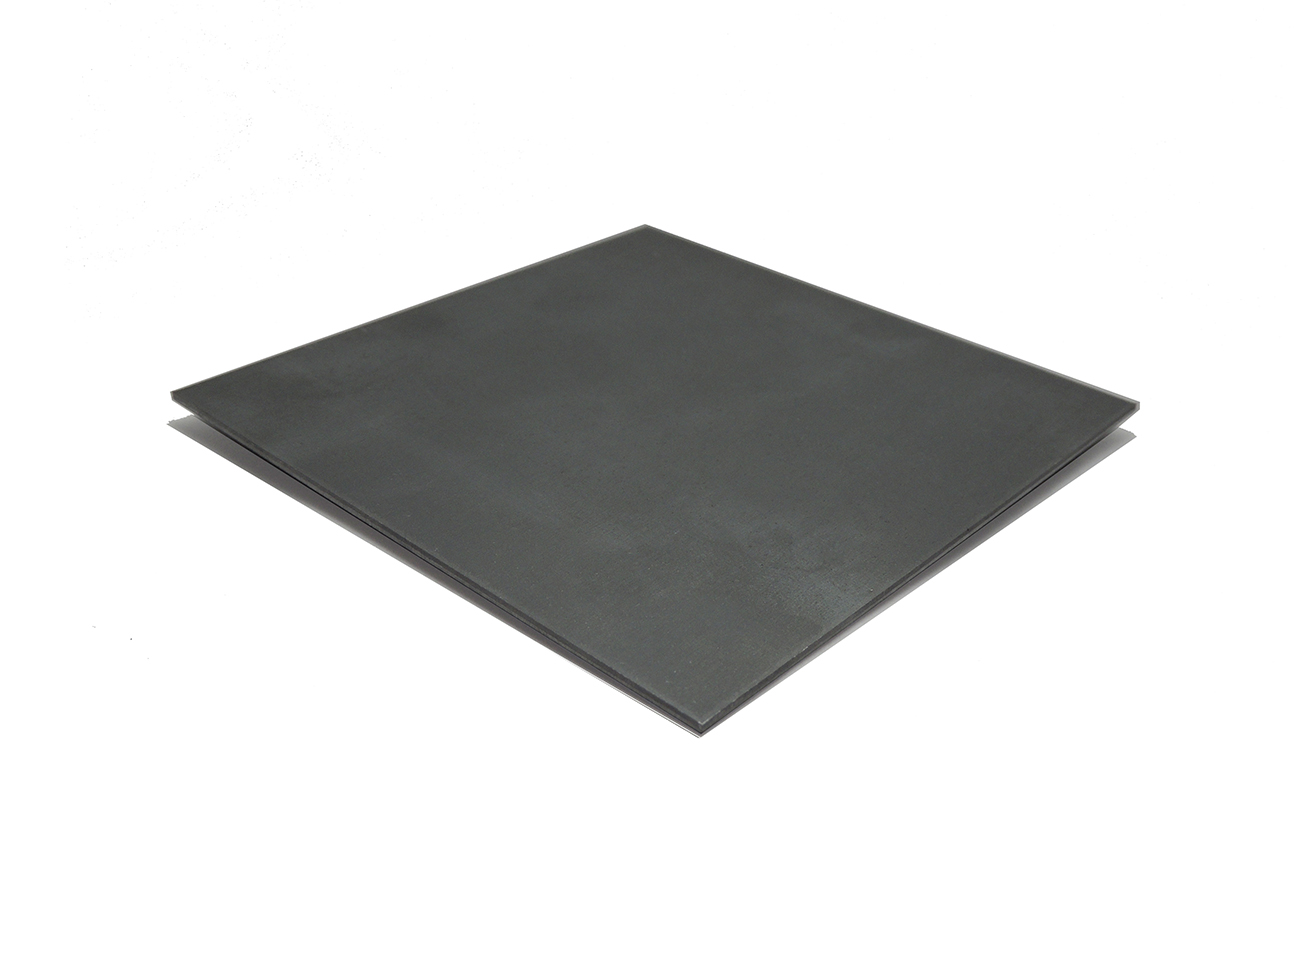 Precio chapa galvanizada lisa top encuentre el mejor for Casetas de chapa galvanizada precios